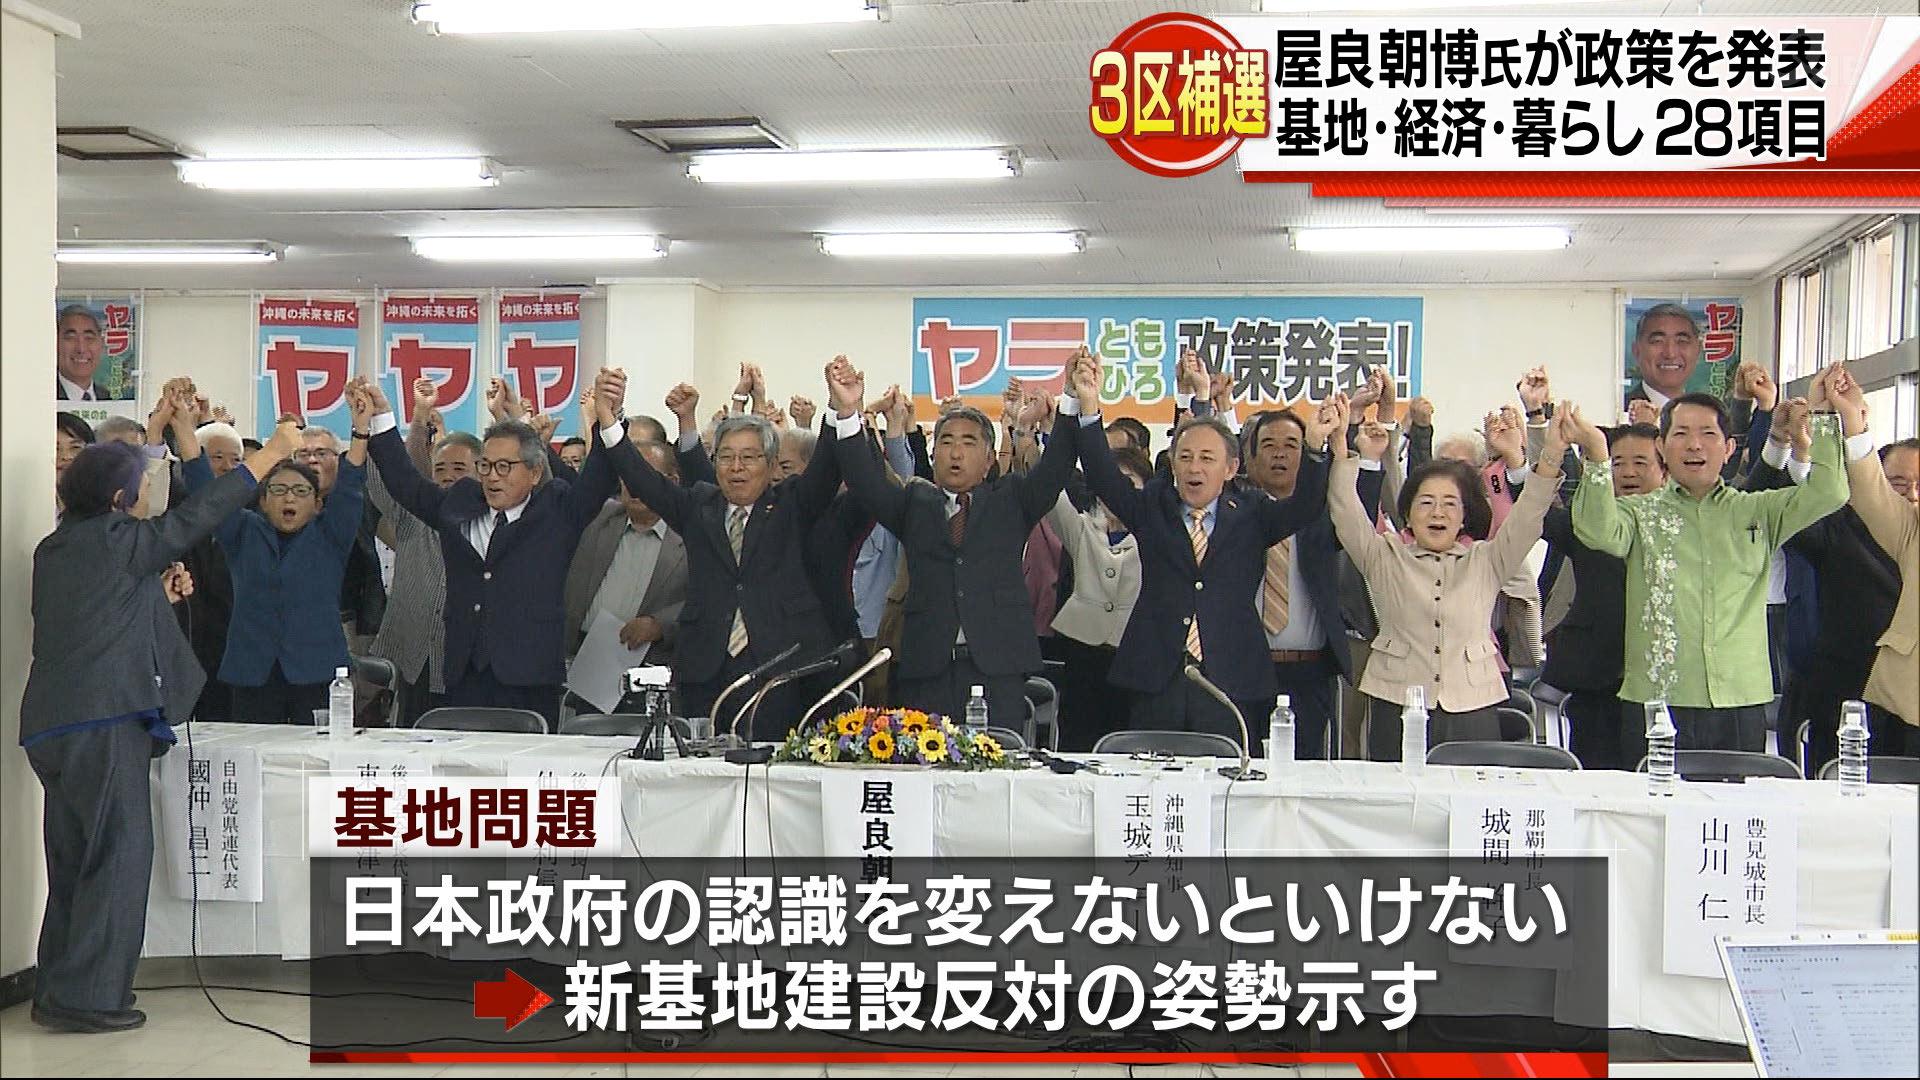 衆院沖縄3区補欠選挙 屋良朝博氏が政策発表